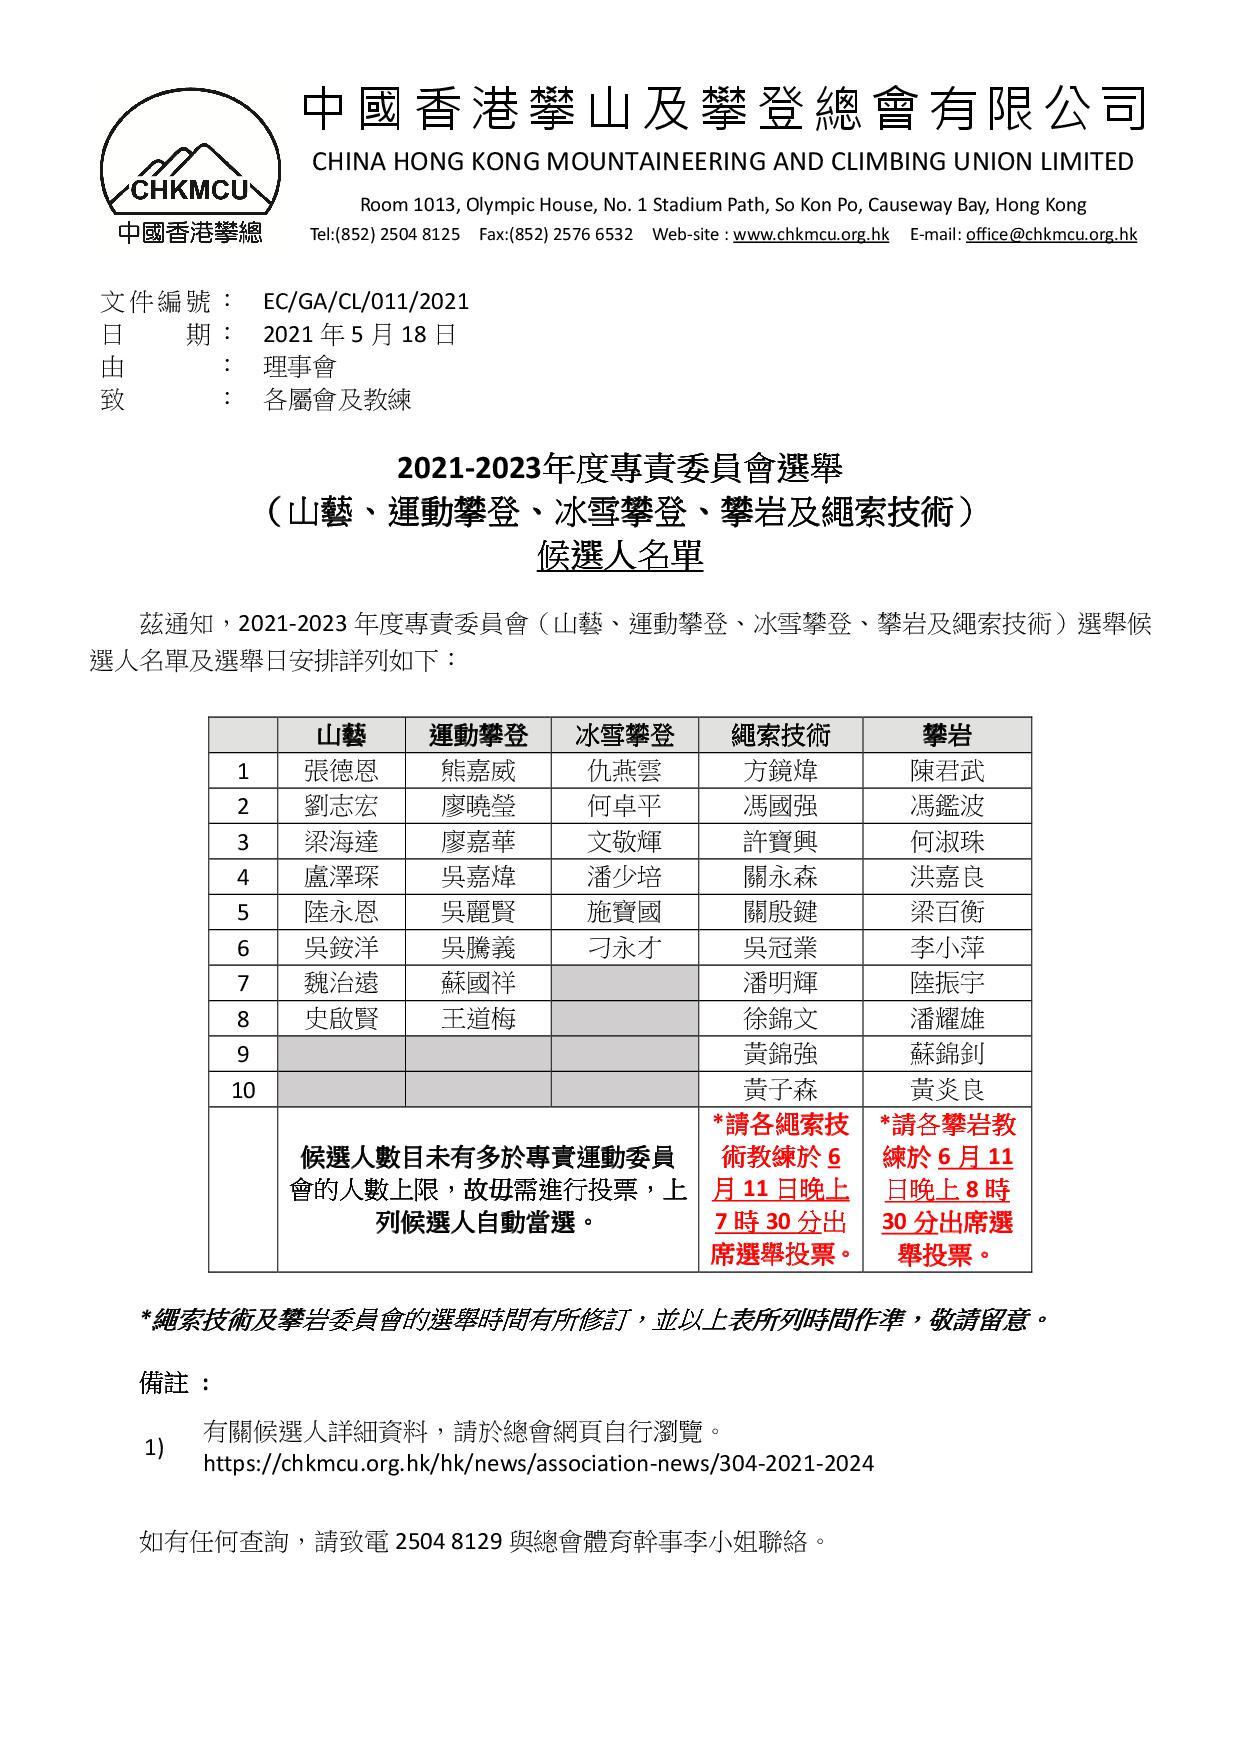 2021-2023年度專責委員會選舉候選人名單及選舉結果